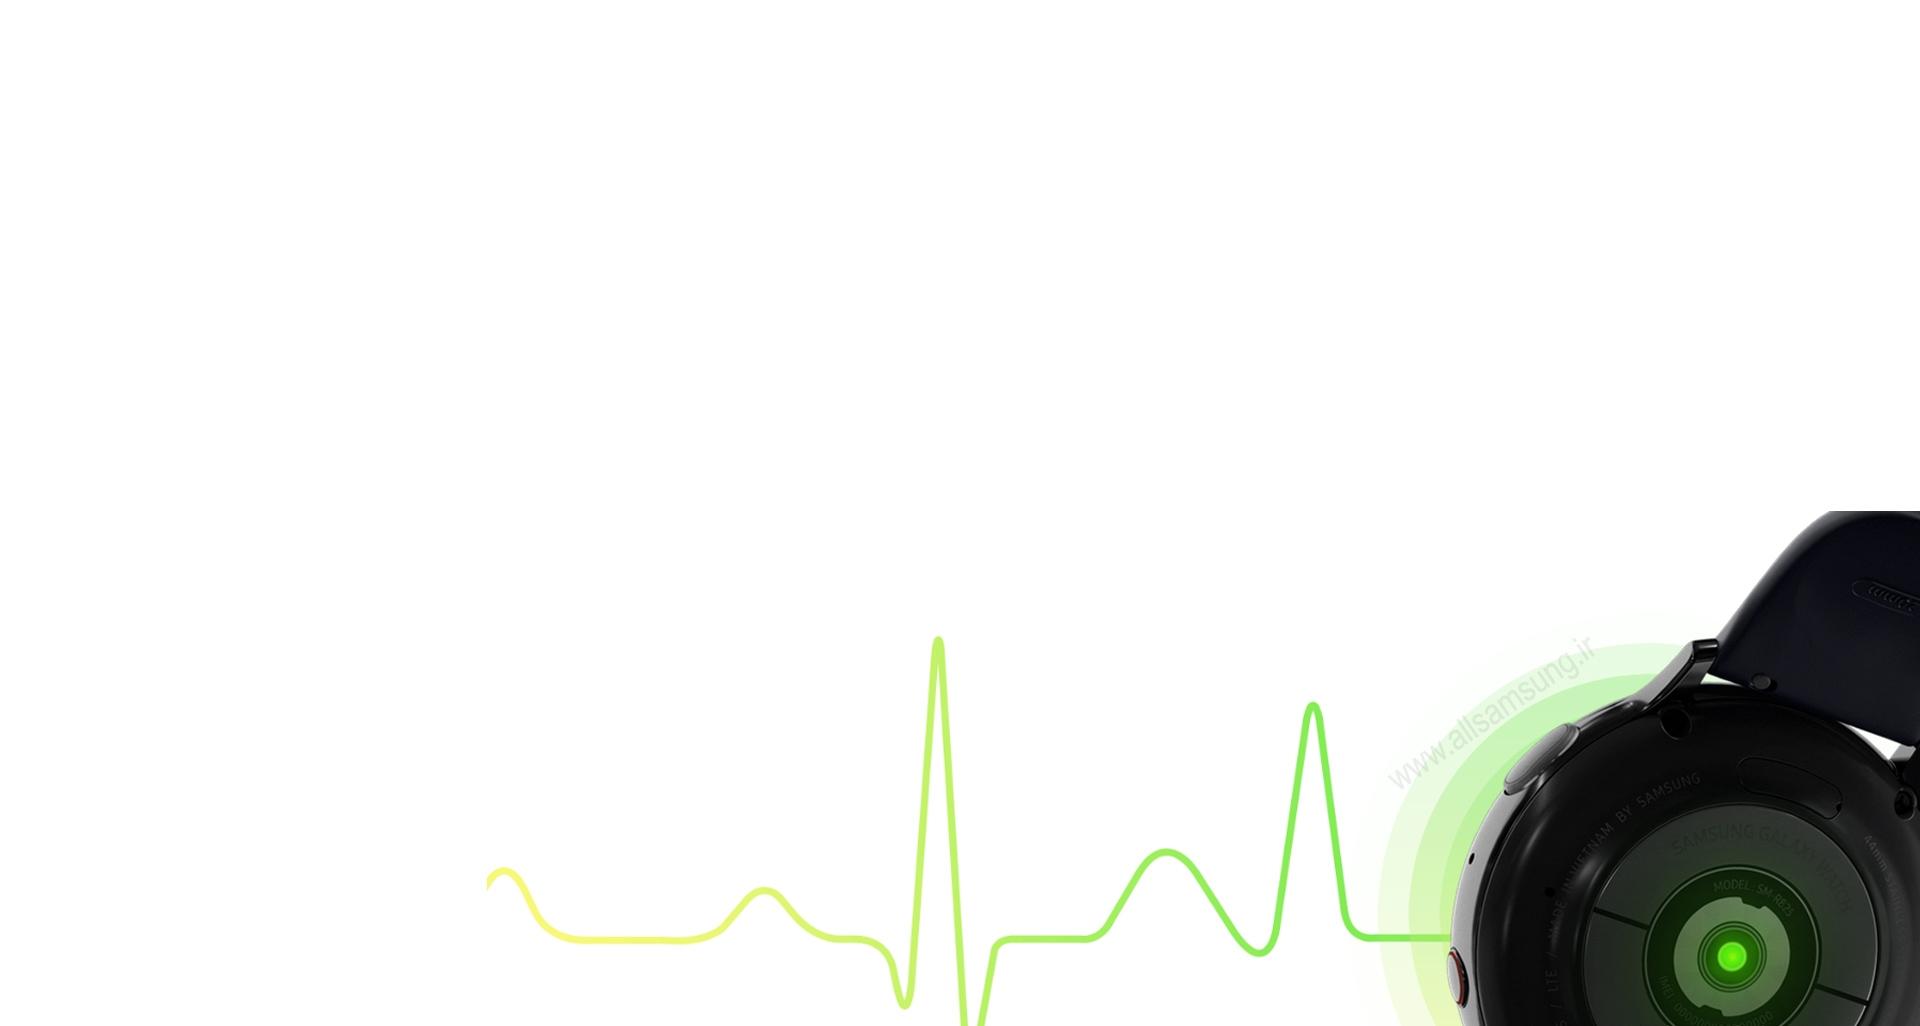 ارزیابی ضربان قلب برای ایجاد آرامش در کاربر توسط گلکسی واچ اکتیو 2